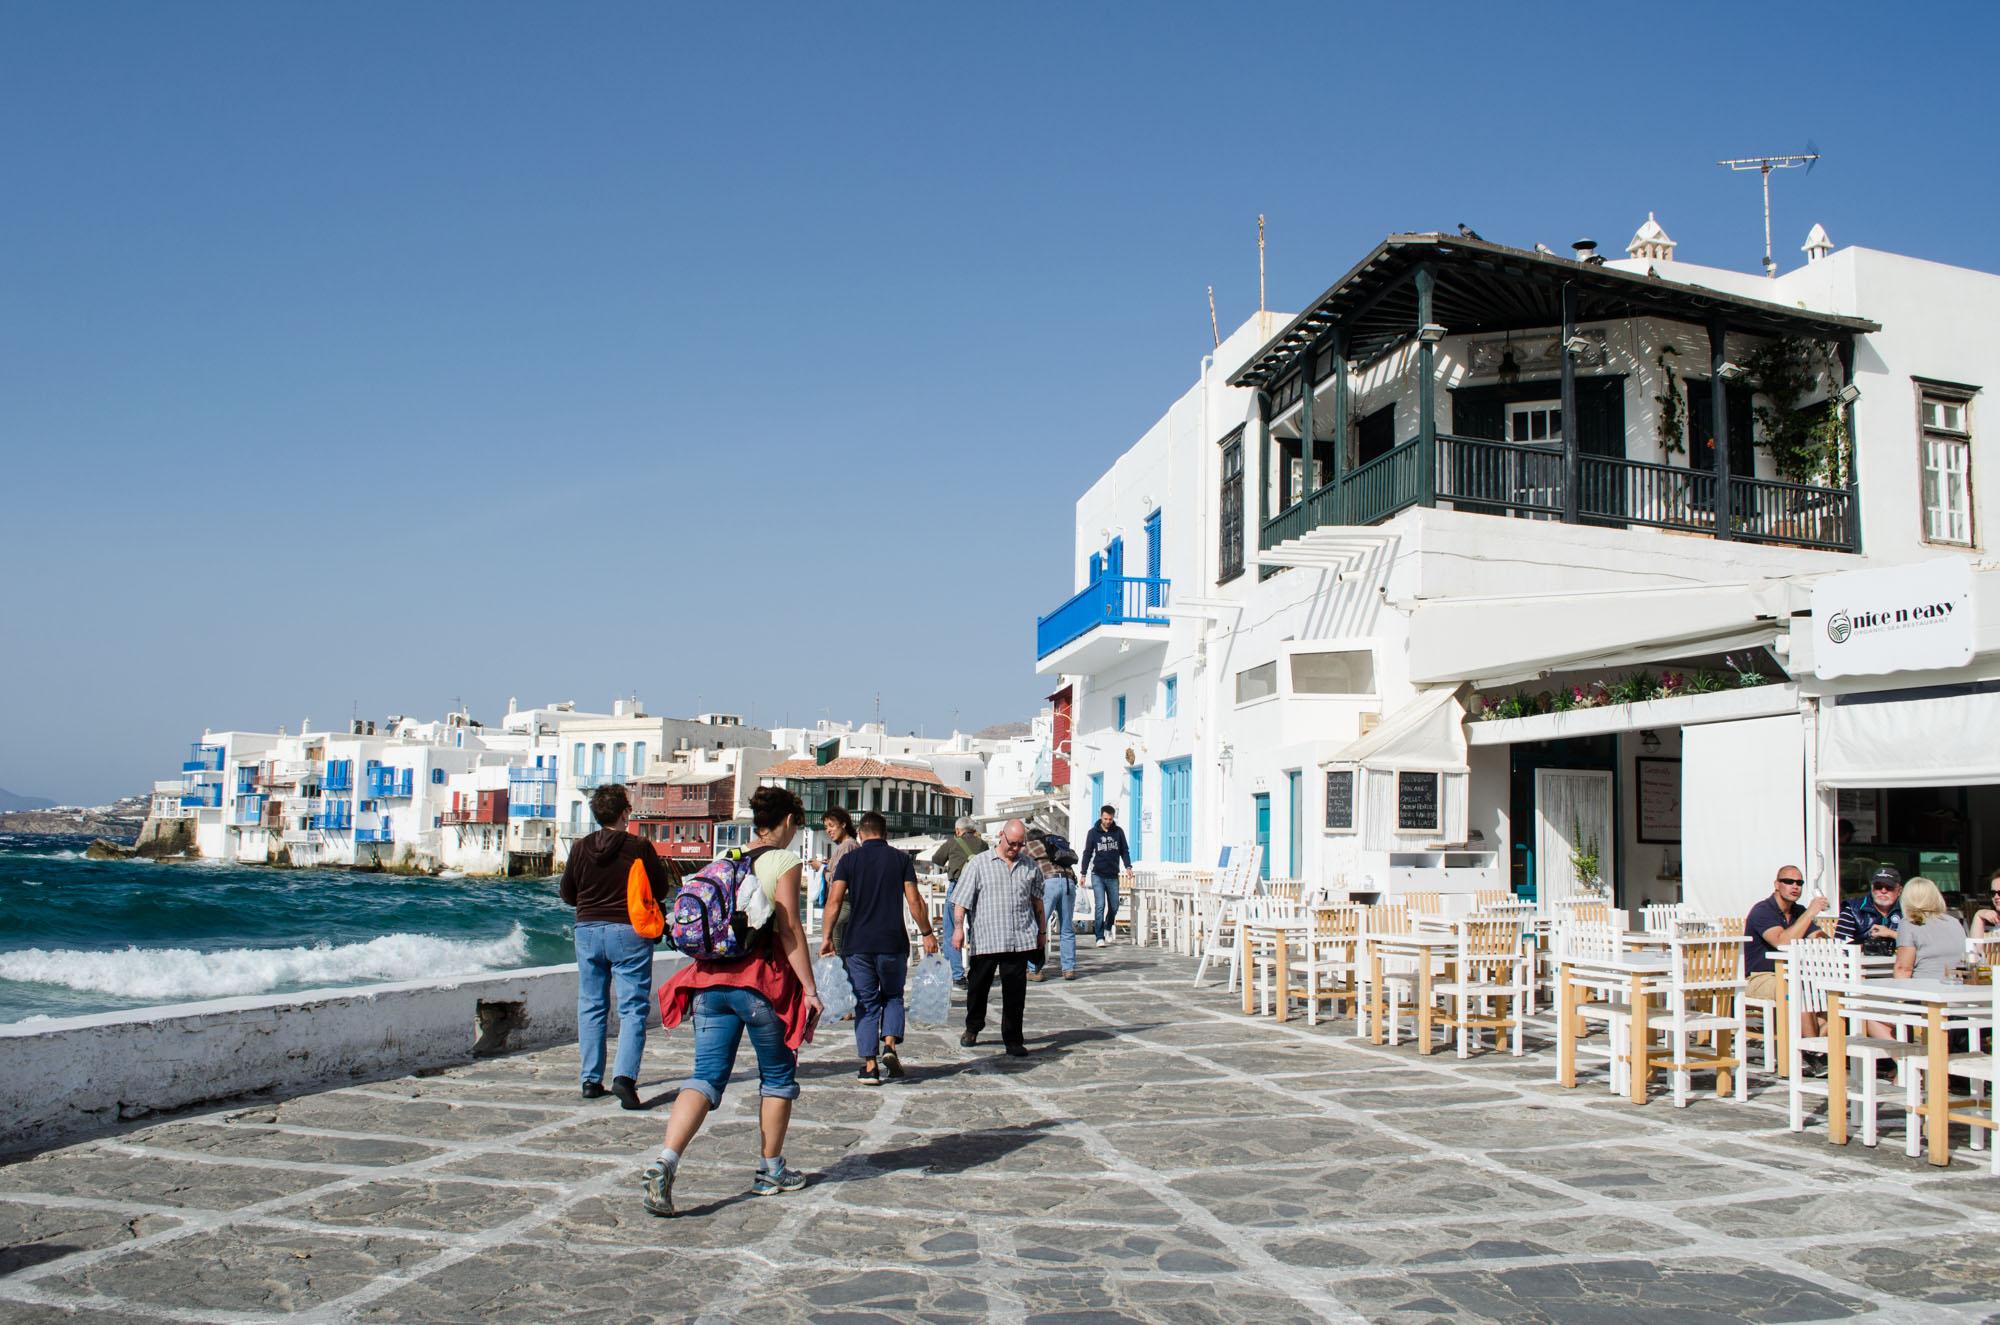 Best Island Beaches For Partying Mykonos St Barts: How To Get Around Mykonos